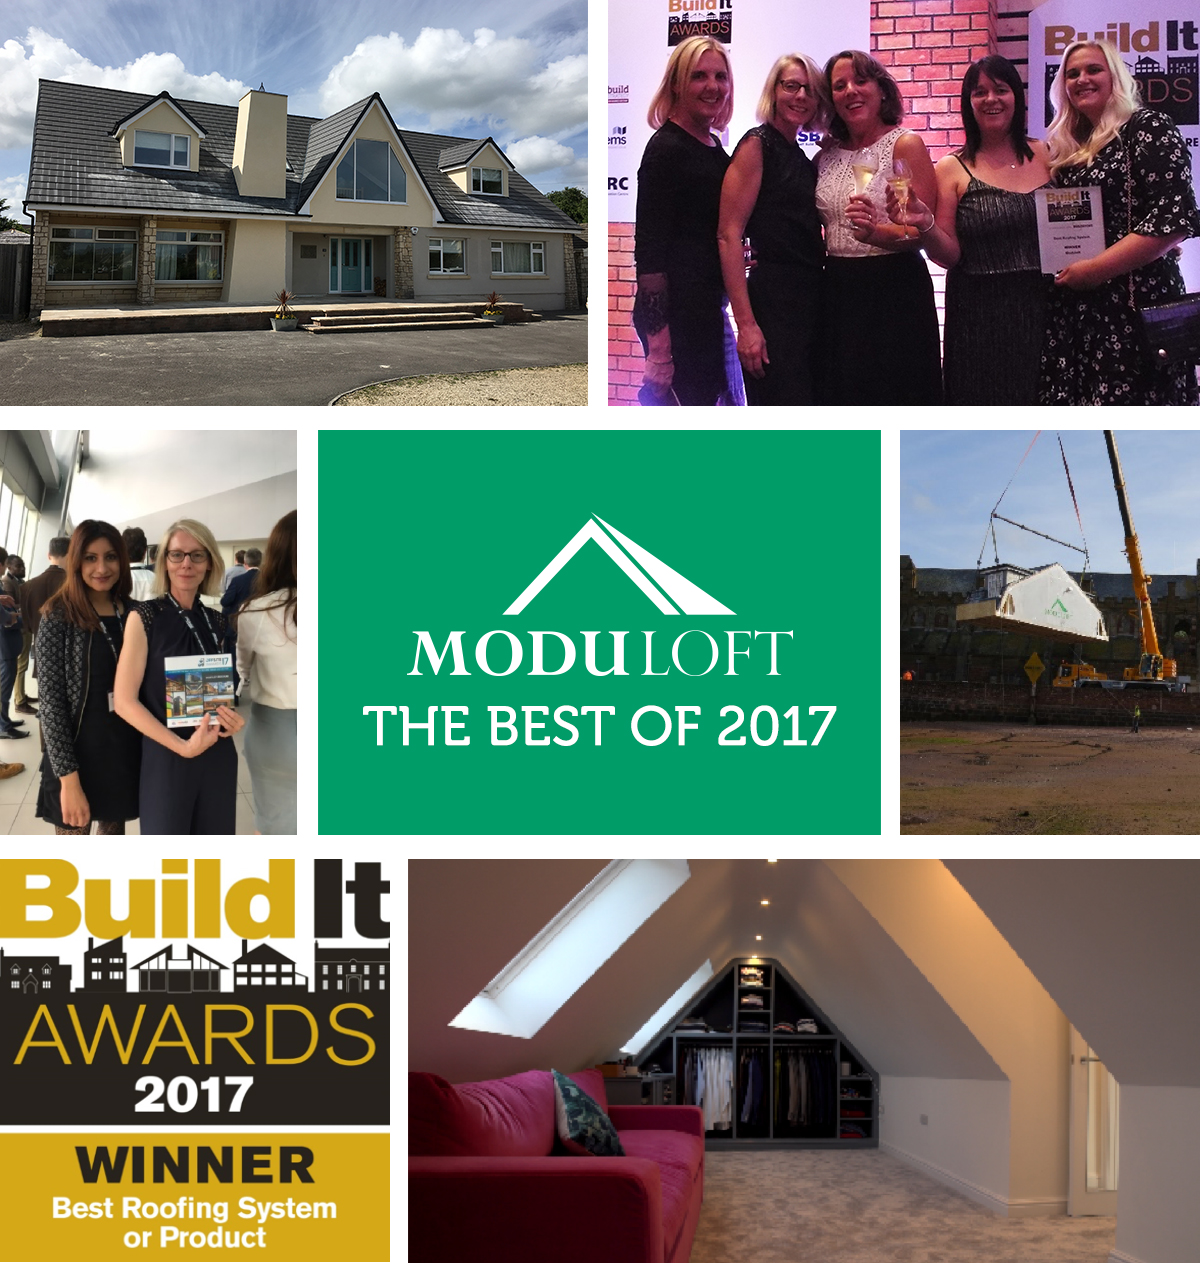 C13997-Moduloft-Roundup-2017-Facebook-Graphic